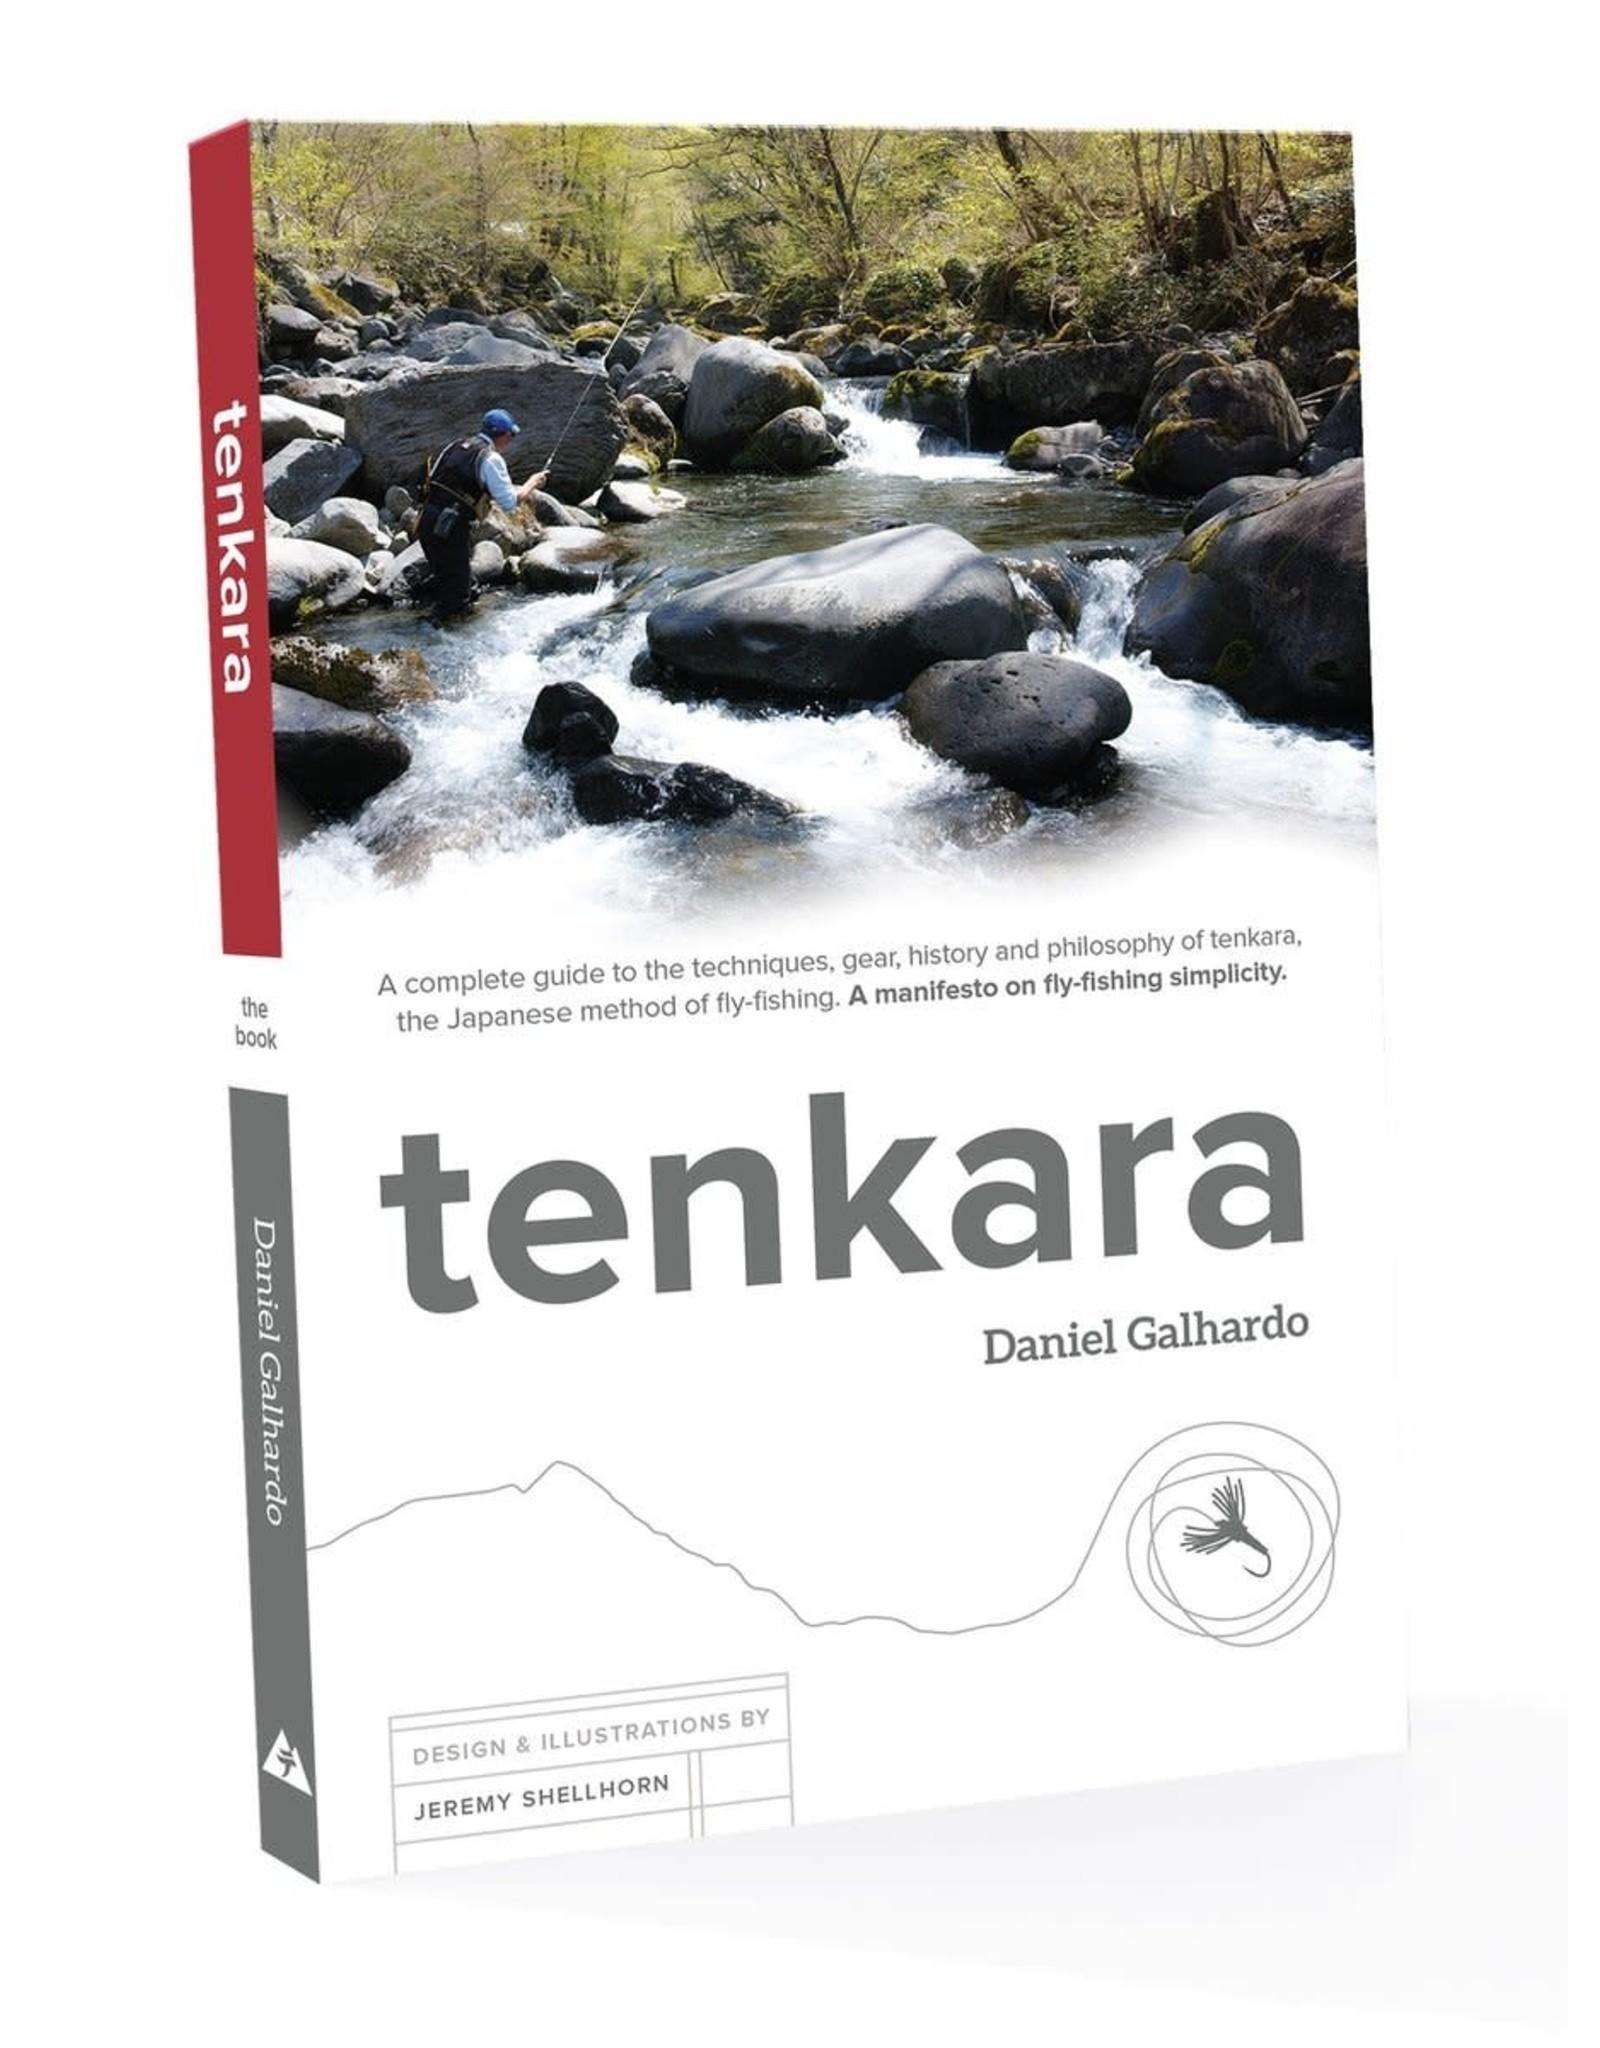 Tenkara USA Tenkara- author Danieal Galhardo